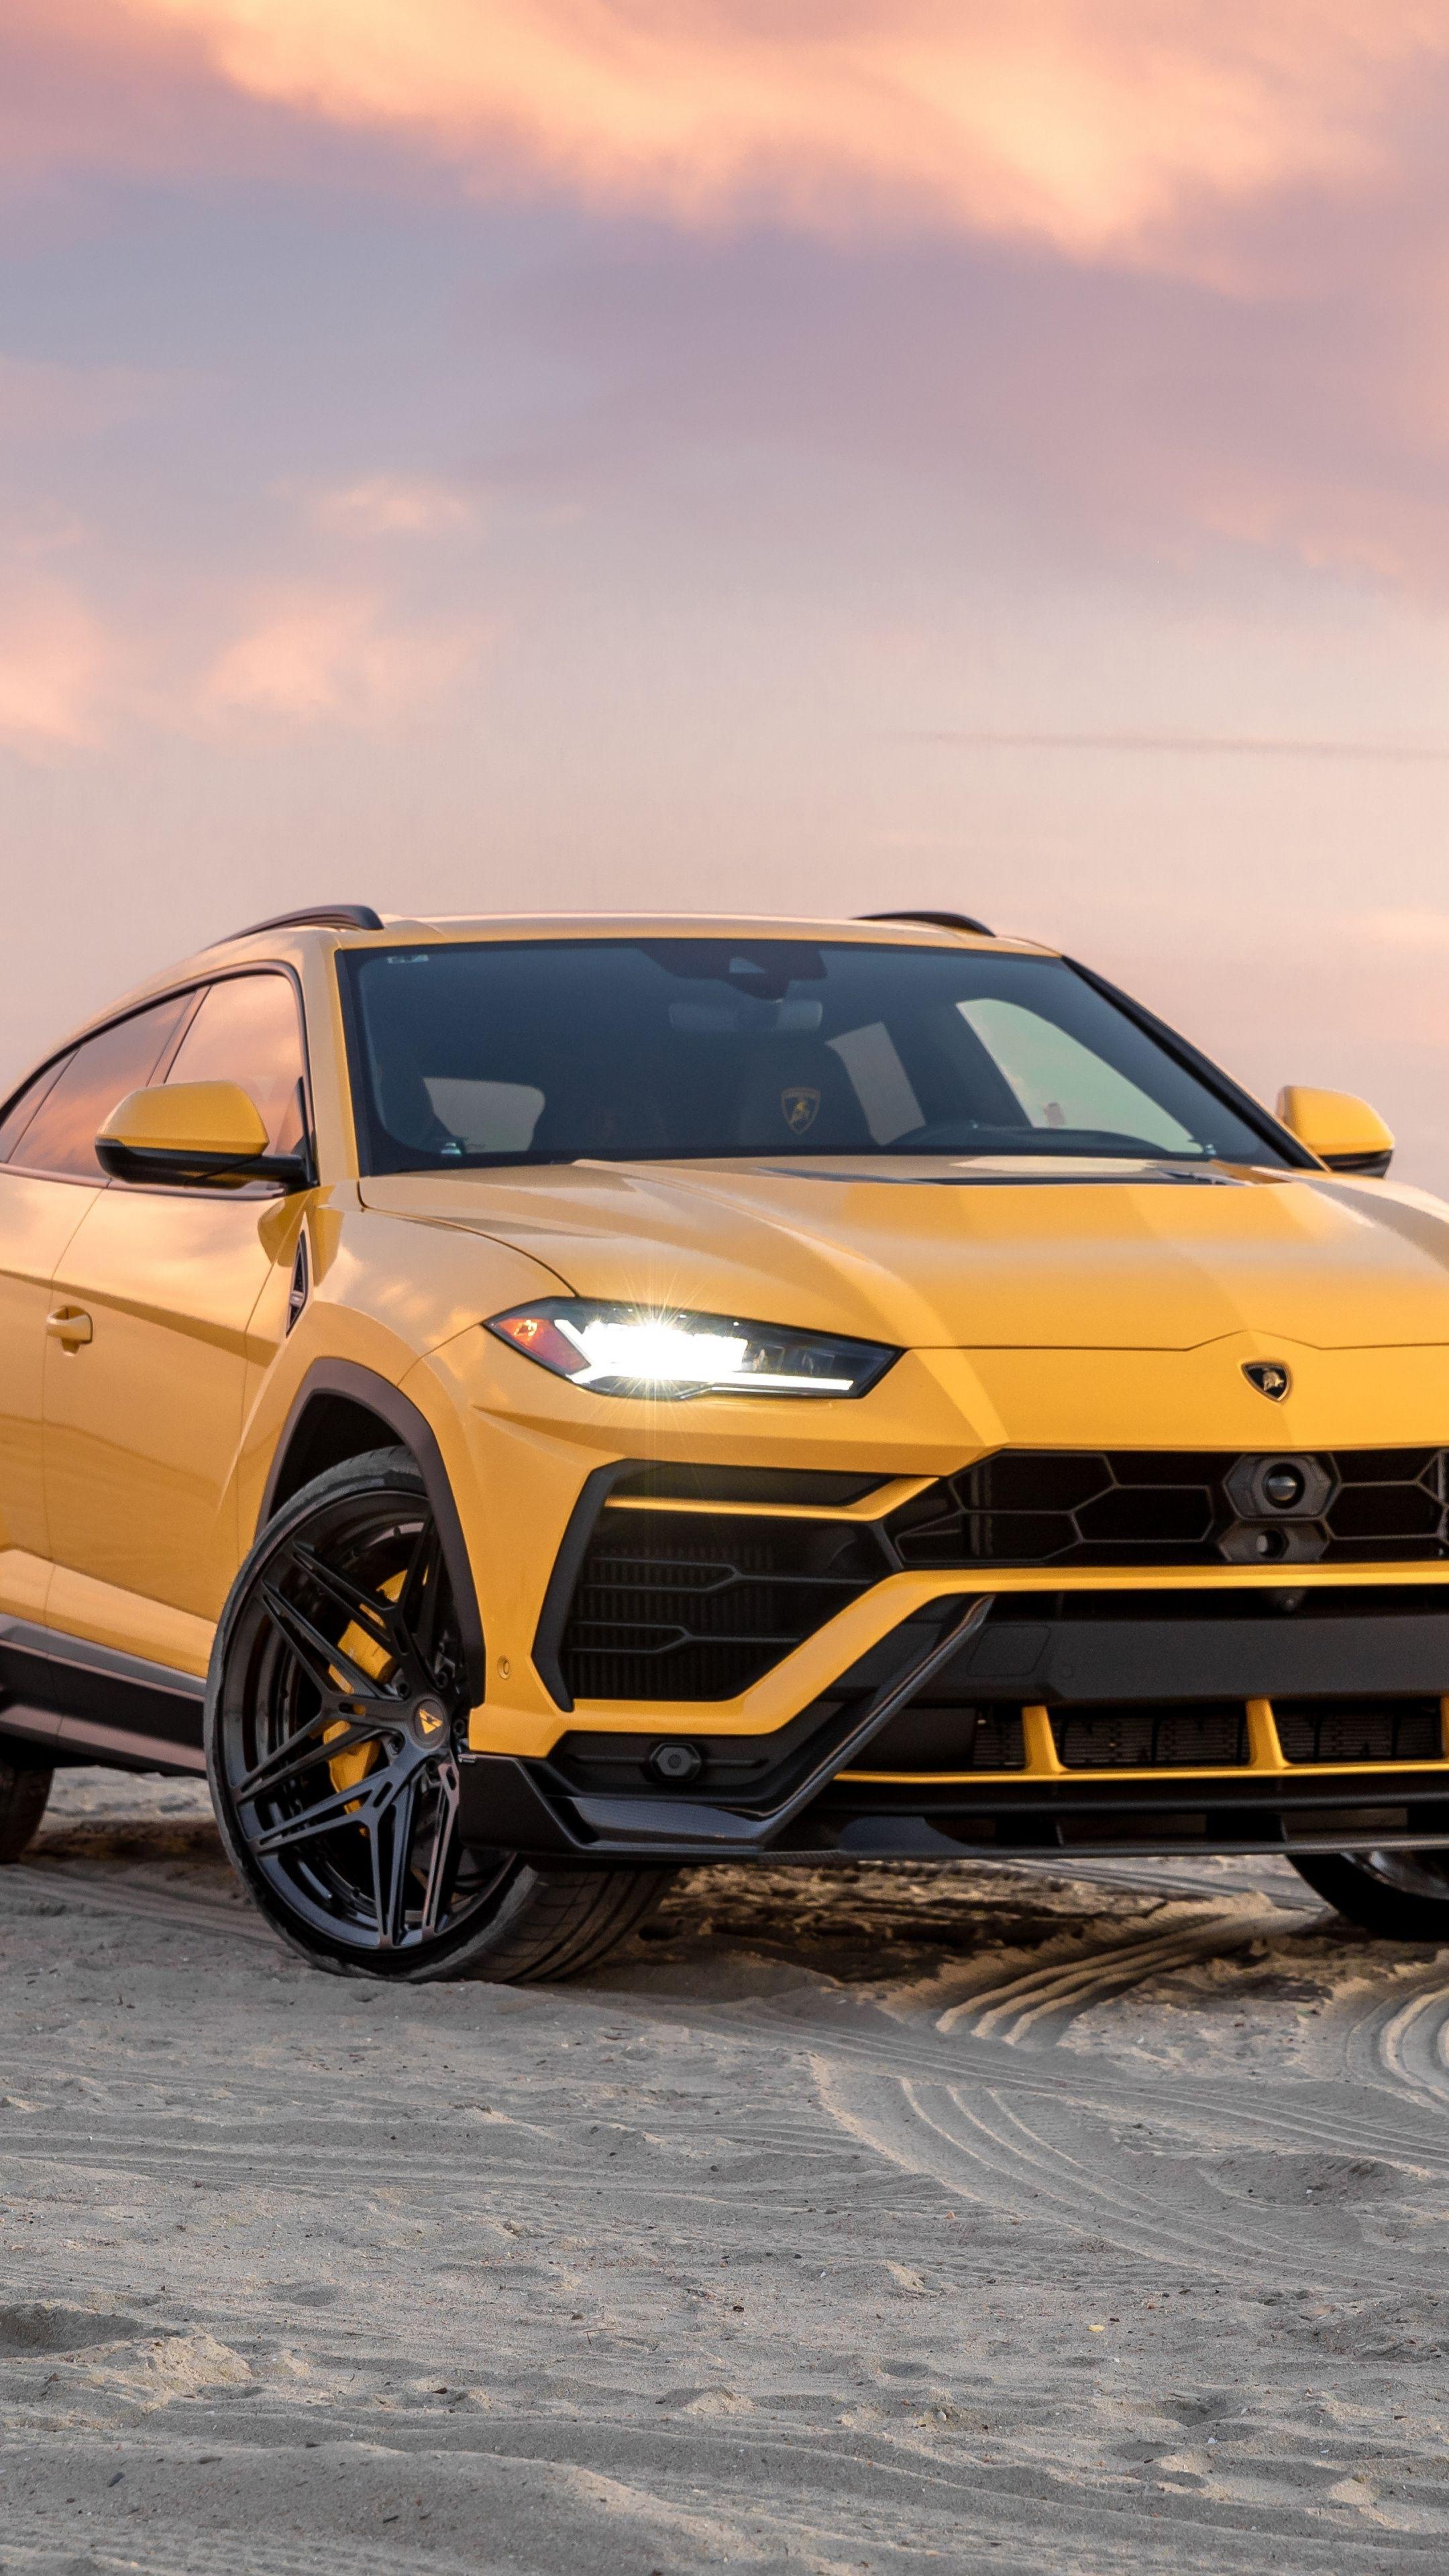 2160x3840 Yellow Lamborghini Urus 2020 Compact Suv Wallpaper In